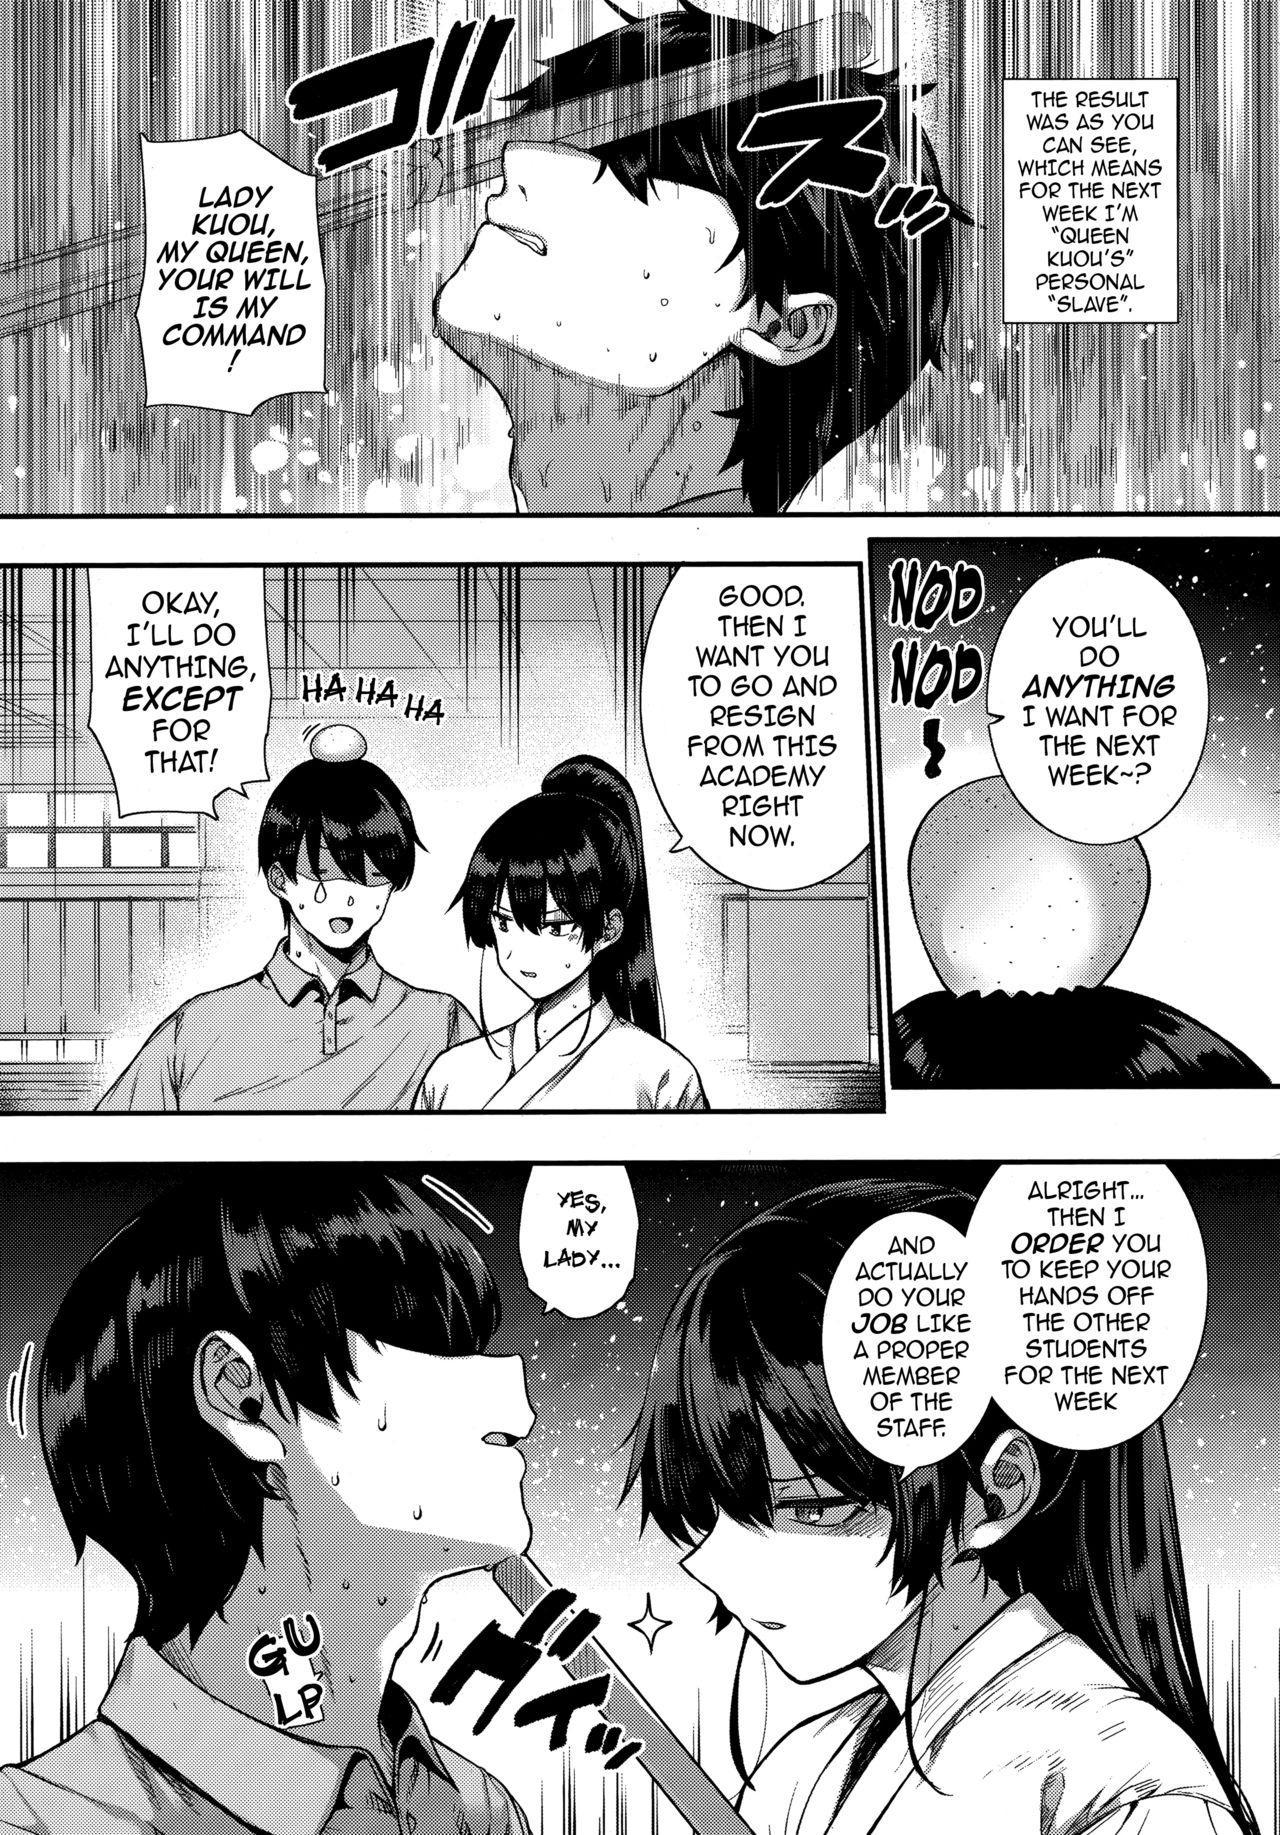 [Katsurai Yoshiaki] Amatsuka Gakuen no Ryoukan Seikatsu | Angel Academy's Hardcore Dorm Sex Life 1-2, 4-8 [English] {darknight} [Digital] 126